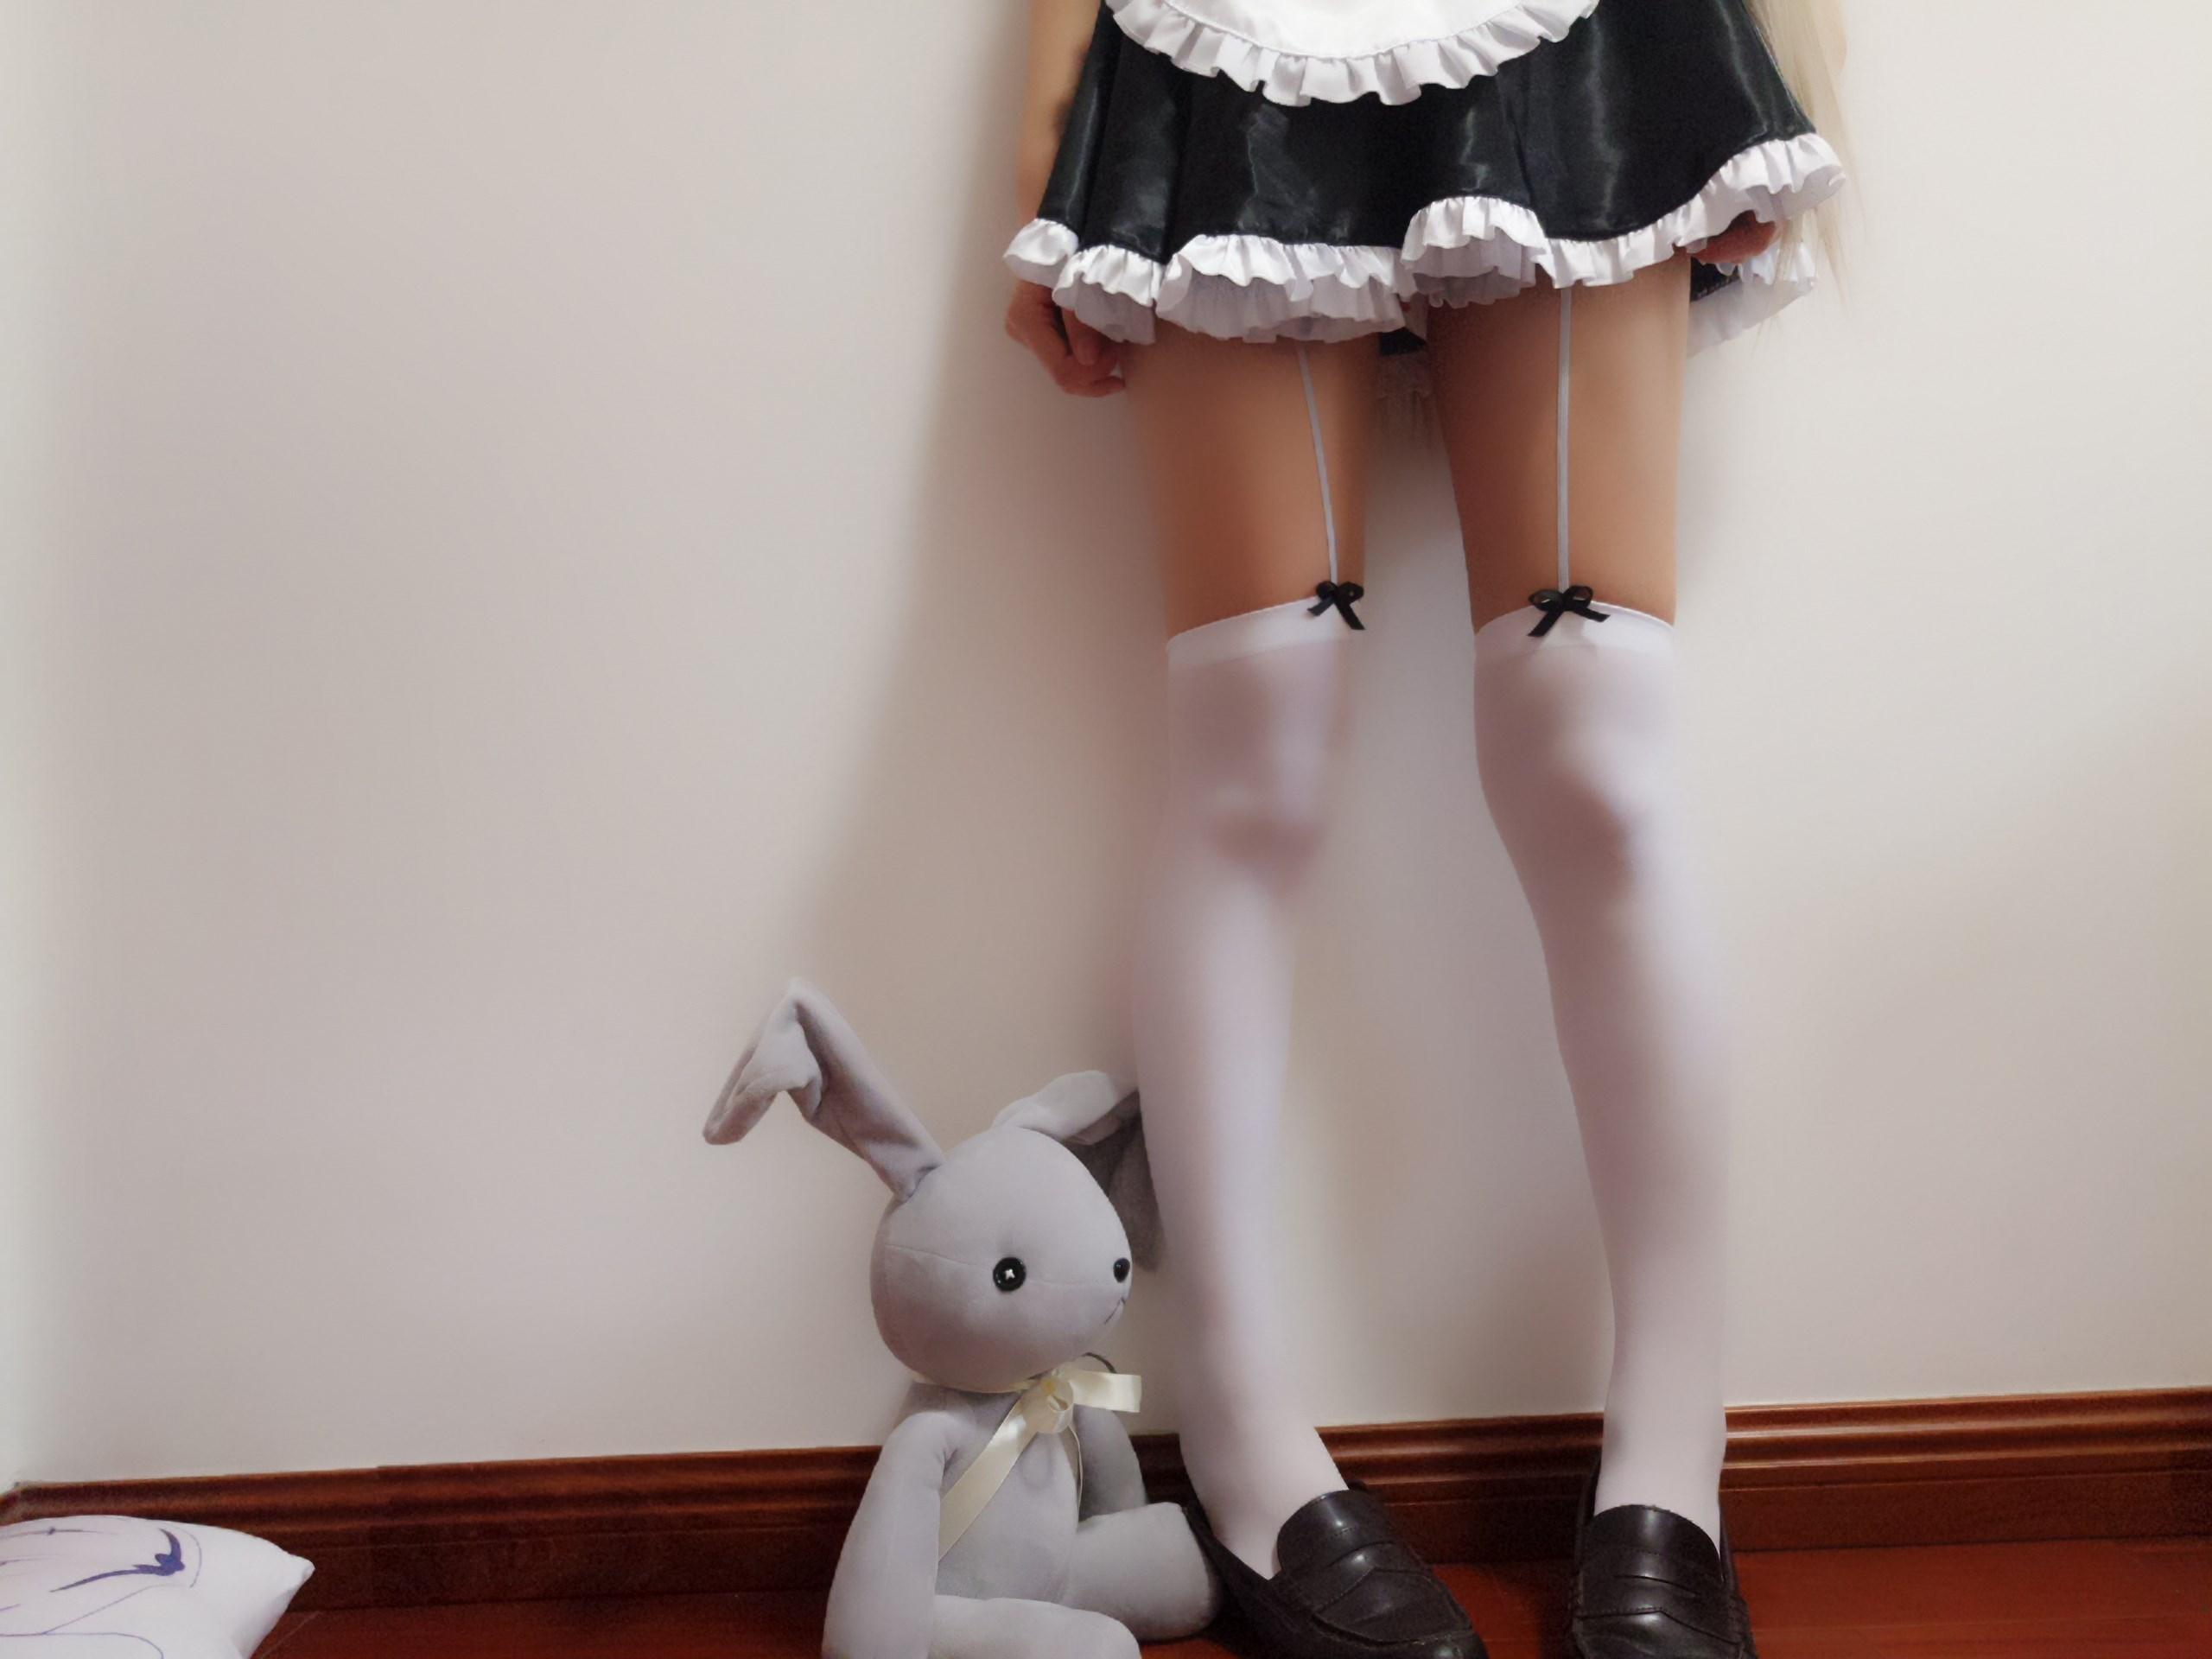 【兔玩映画】萌妹自拍-女仆装穹妹 兔玩映画 第34张